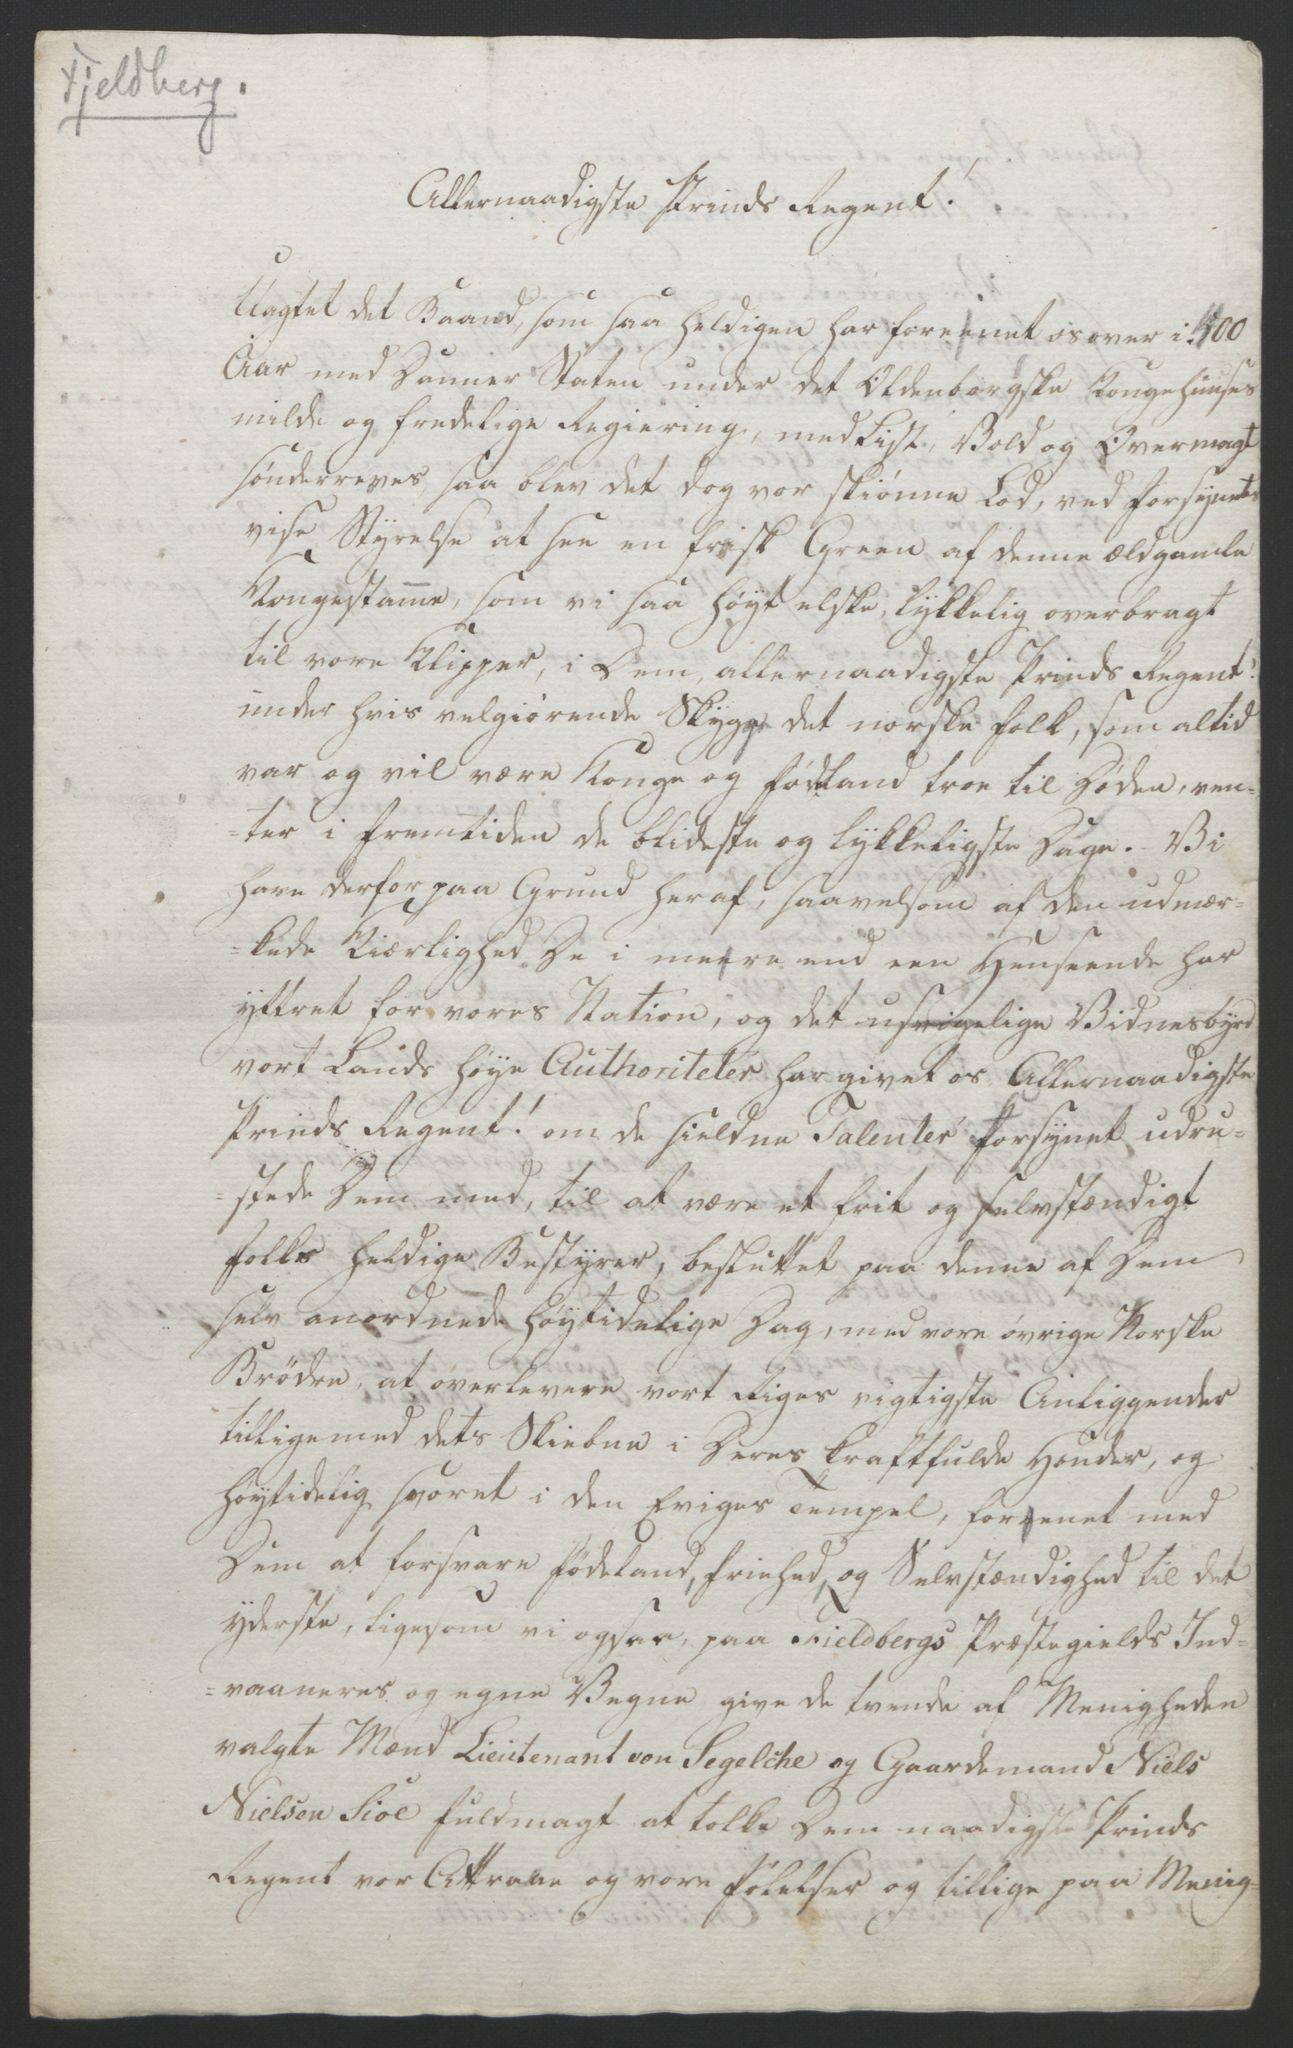 RA, Statsrådssekretariatet, D/Db/L0008: Fullmakter for Eidsvollsrepresentantene i 1814. , 1814, s. 275